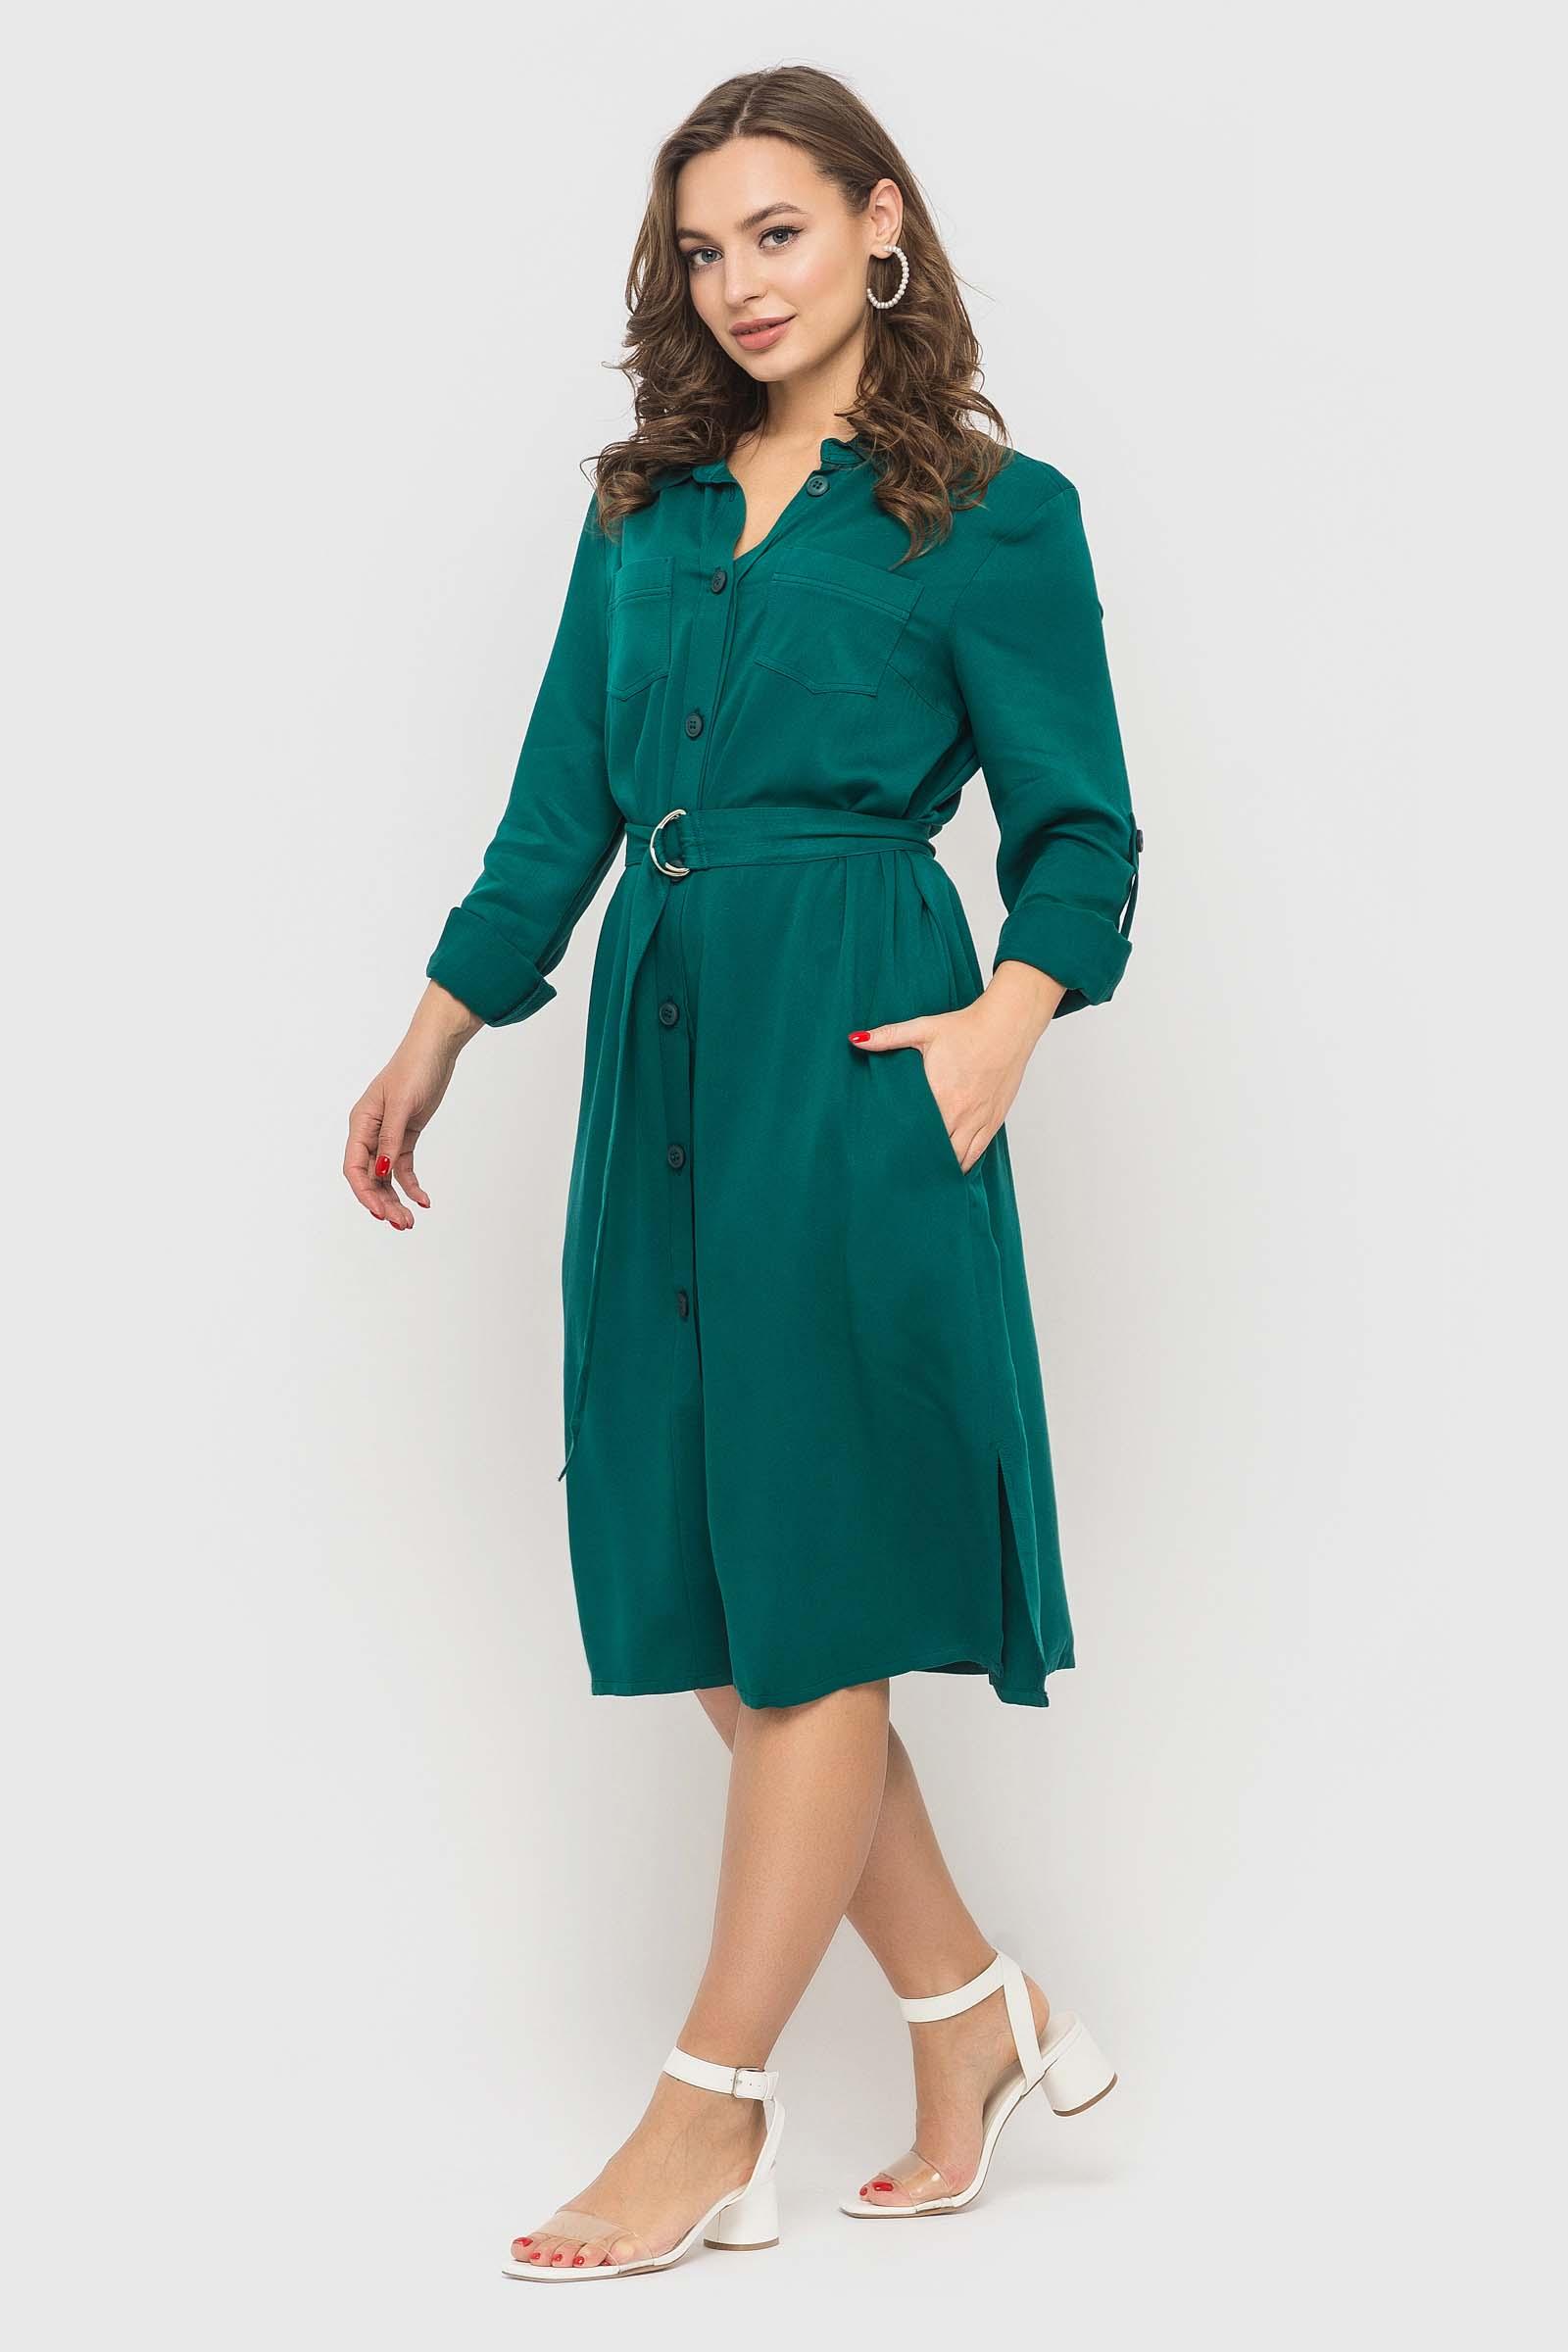 be art 2020 04 07182900 Купить платье